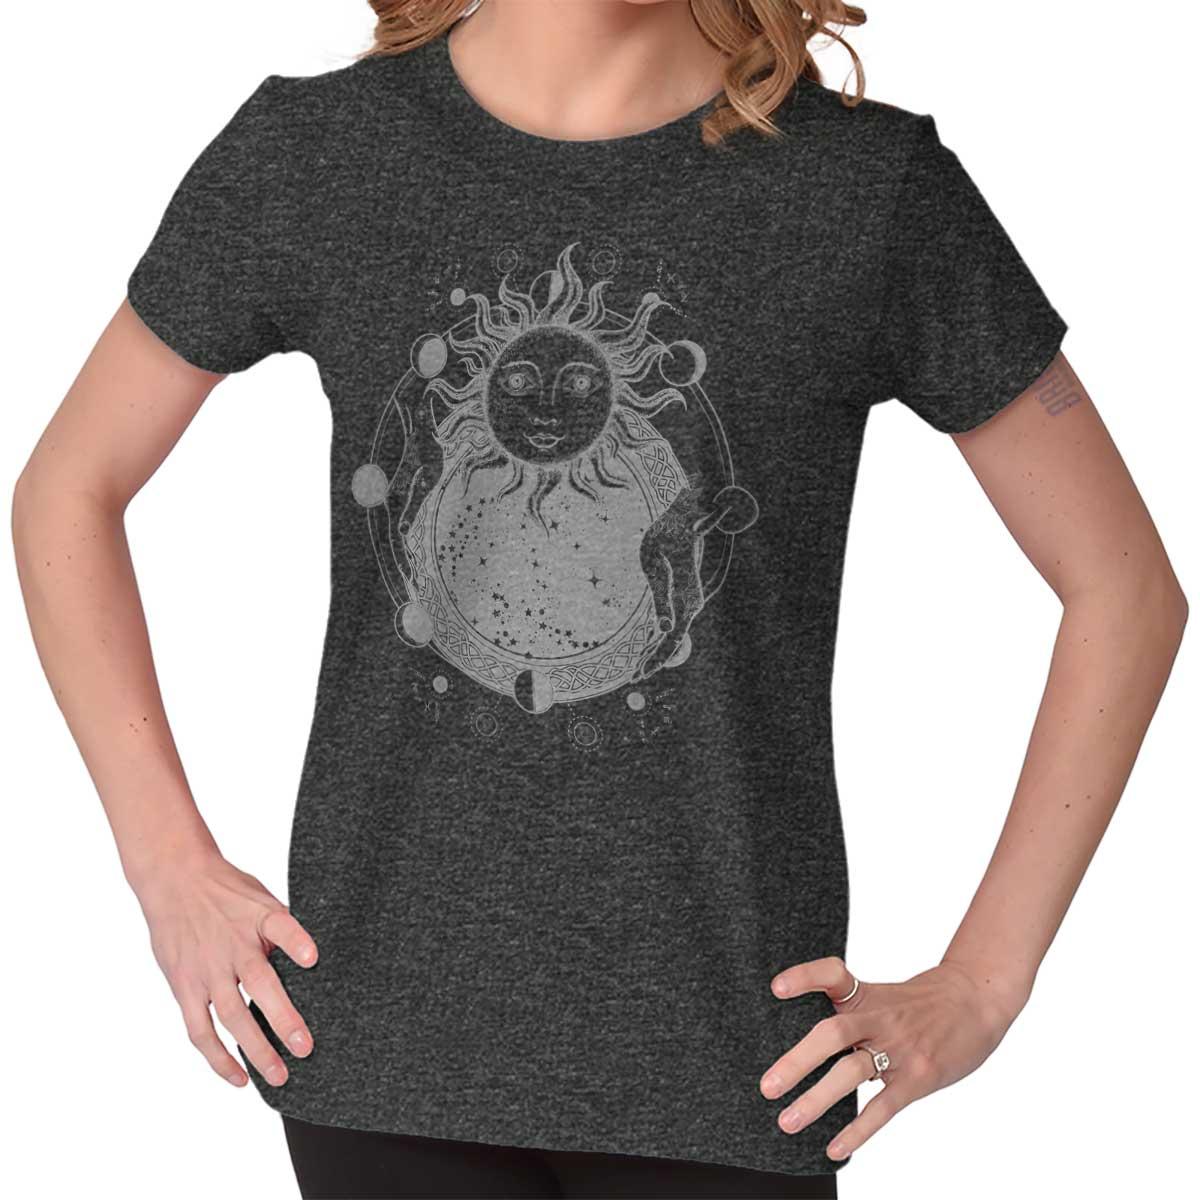 Cosmos Astronaut Mystic  Weird Alchemy Spiritual Stars Crop Top tees Shirt T